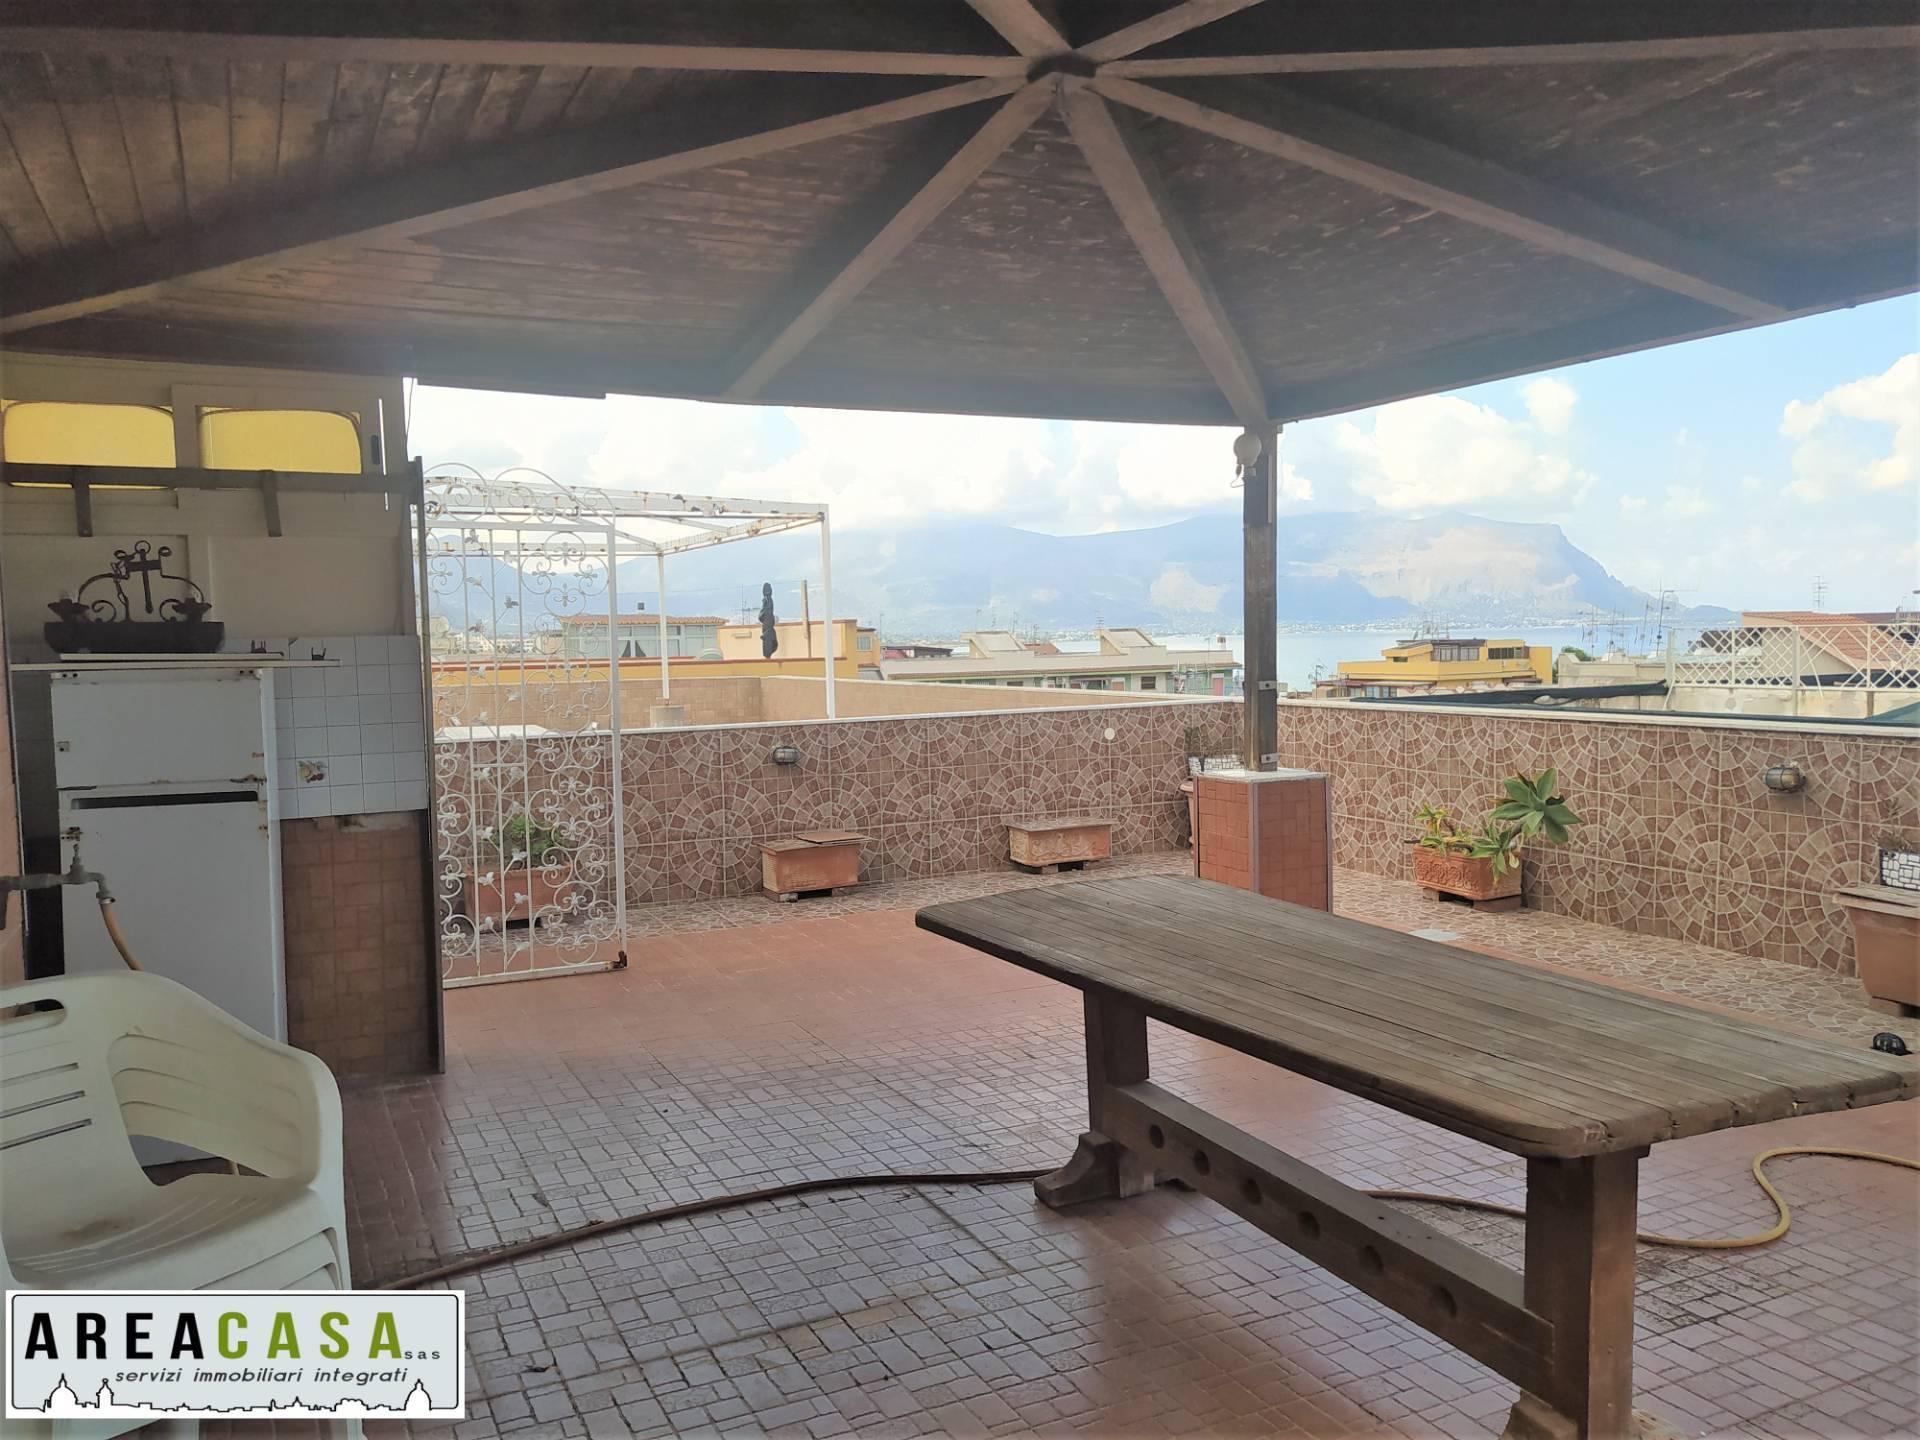 Appartamento in vendita a Isola delle Femmine, 3 locali, prezzo € 125.000   CambioCasa.it